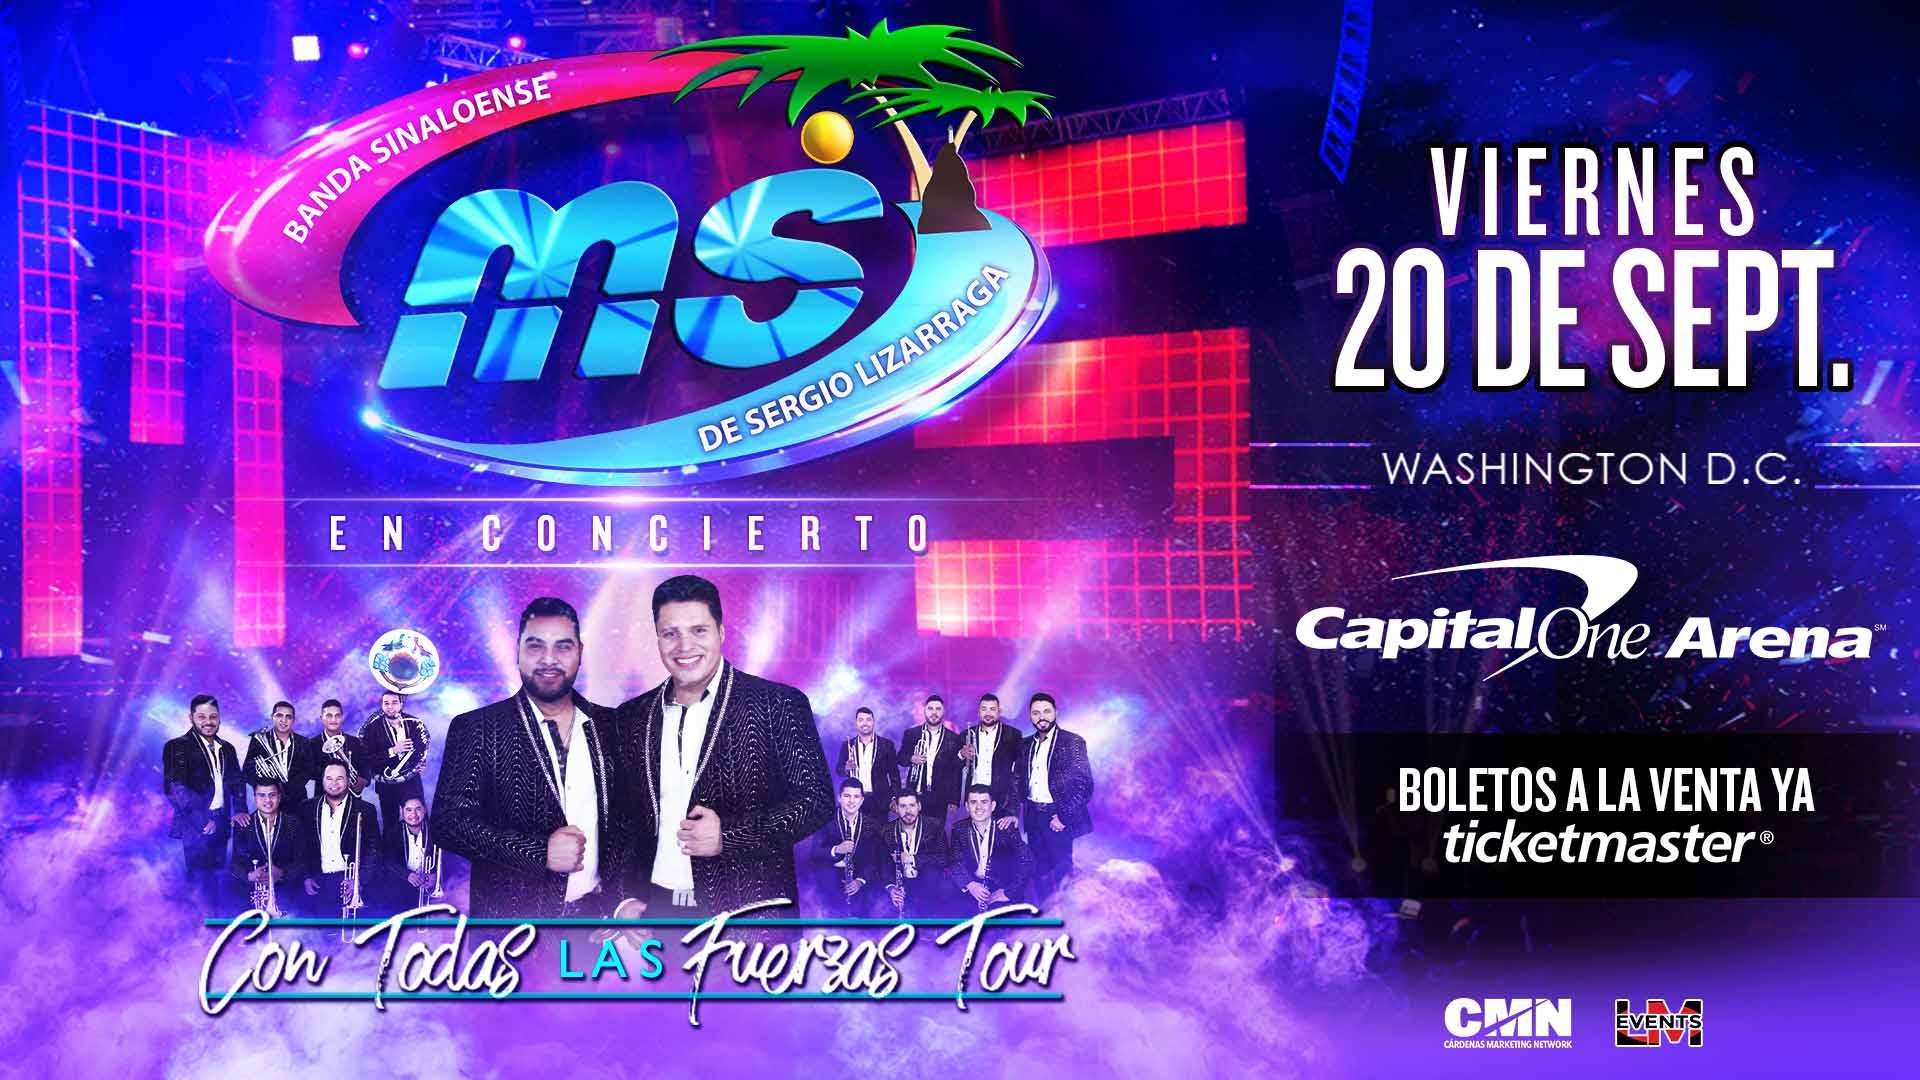 Banda MS - Sinaloense Tour